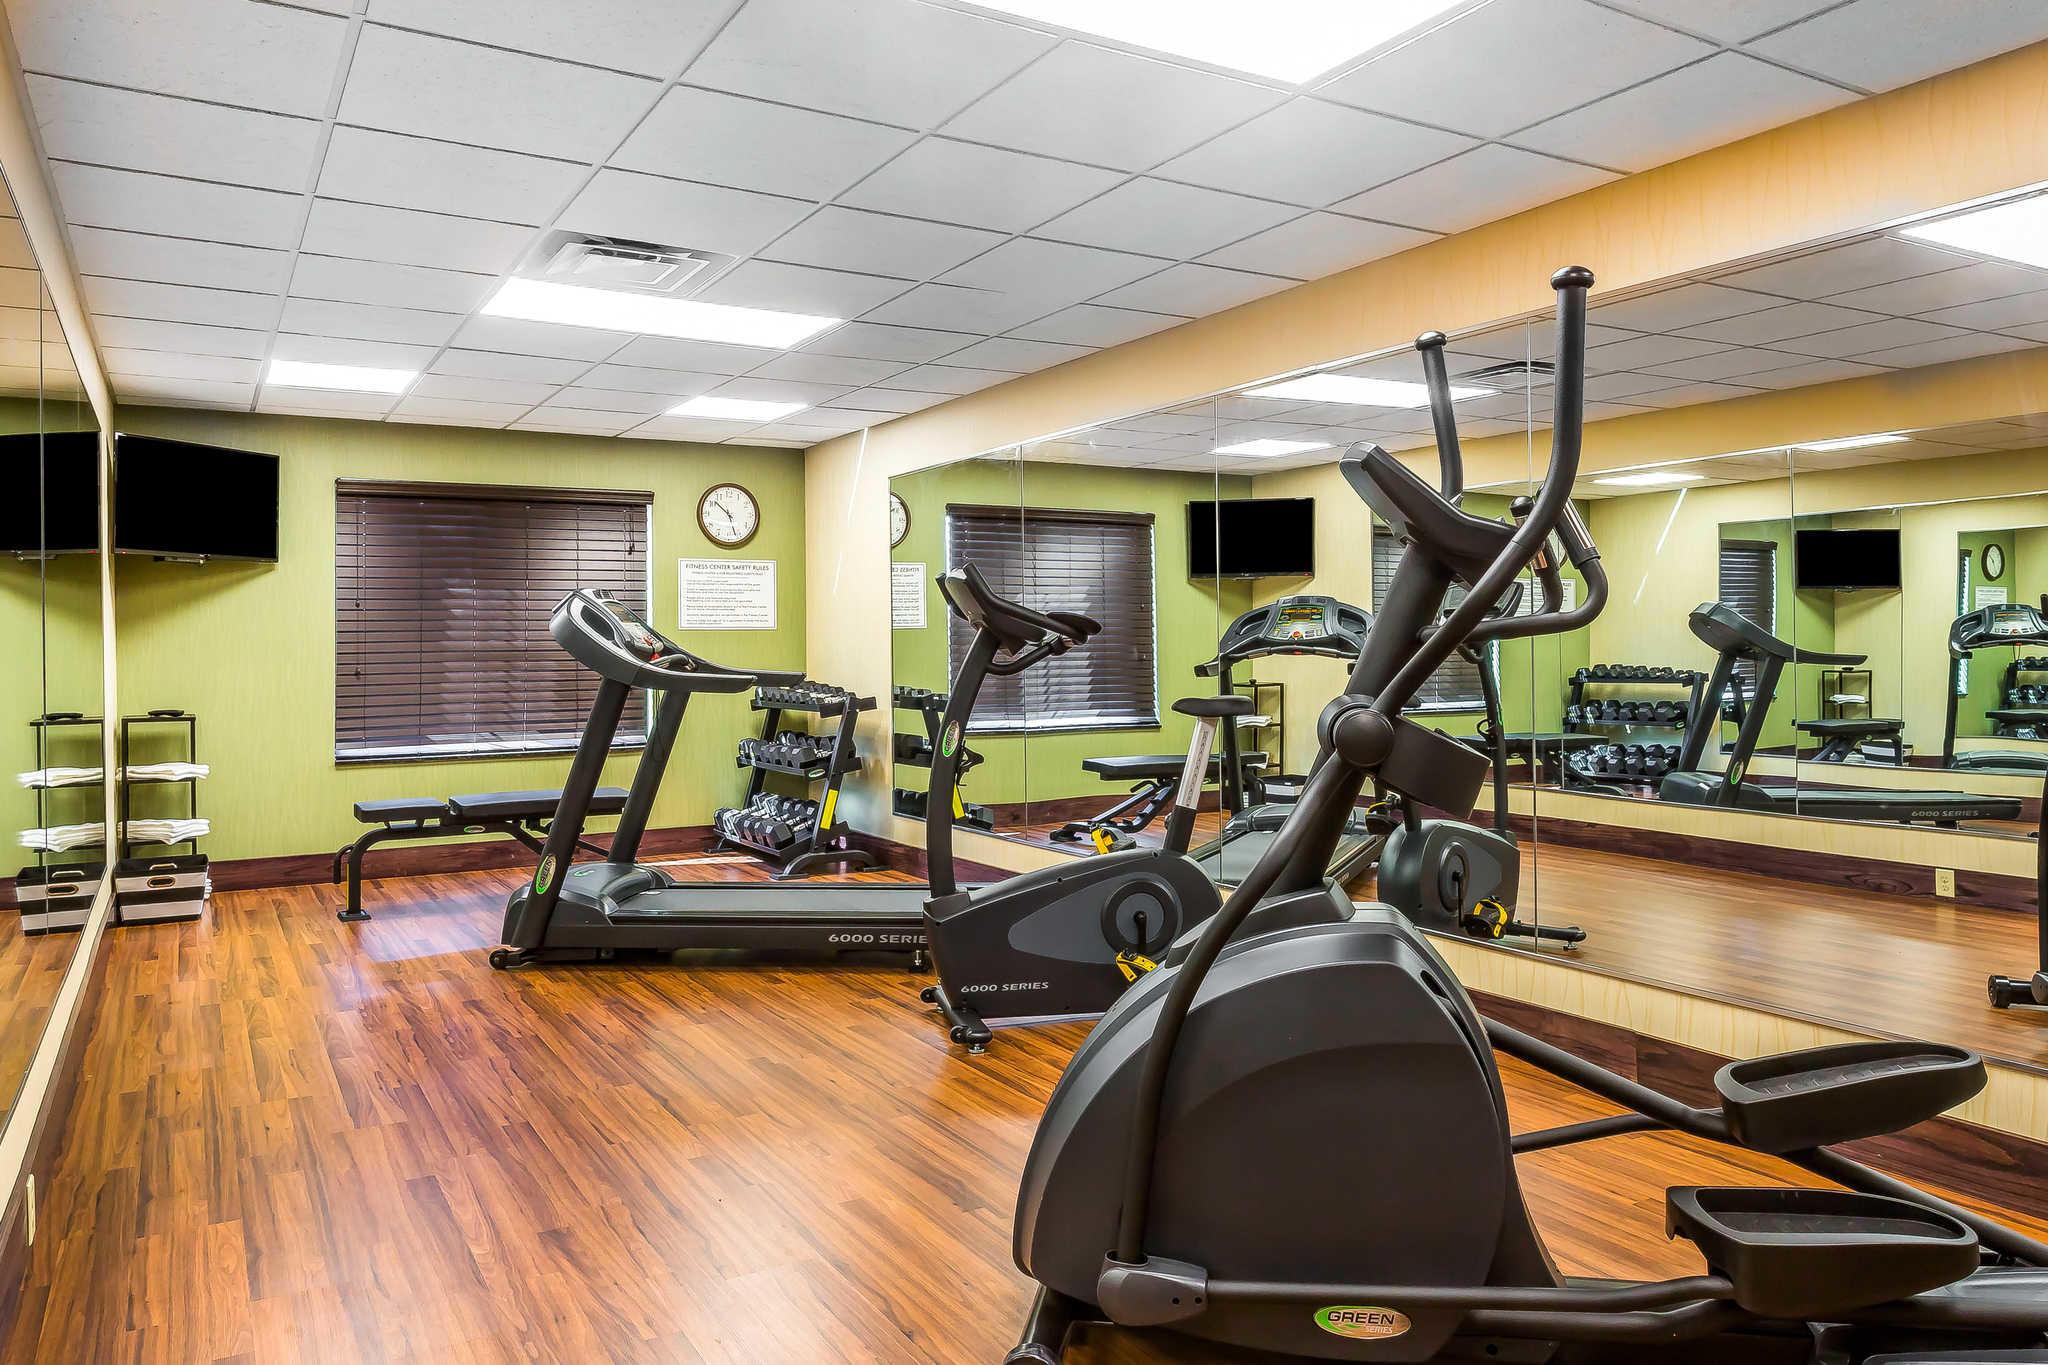 Comfort Inn Amp Suites Moore Oklahoma City Moore Oklahoma